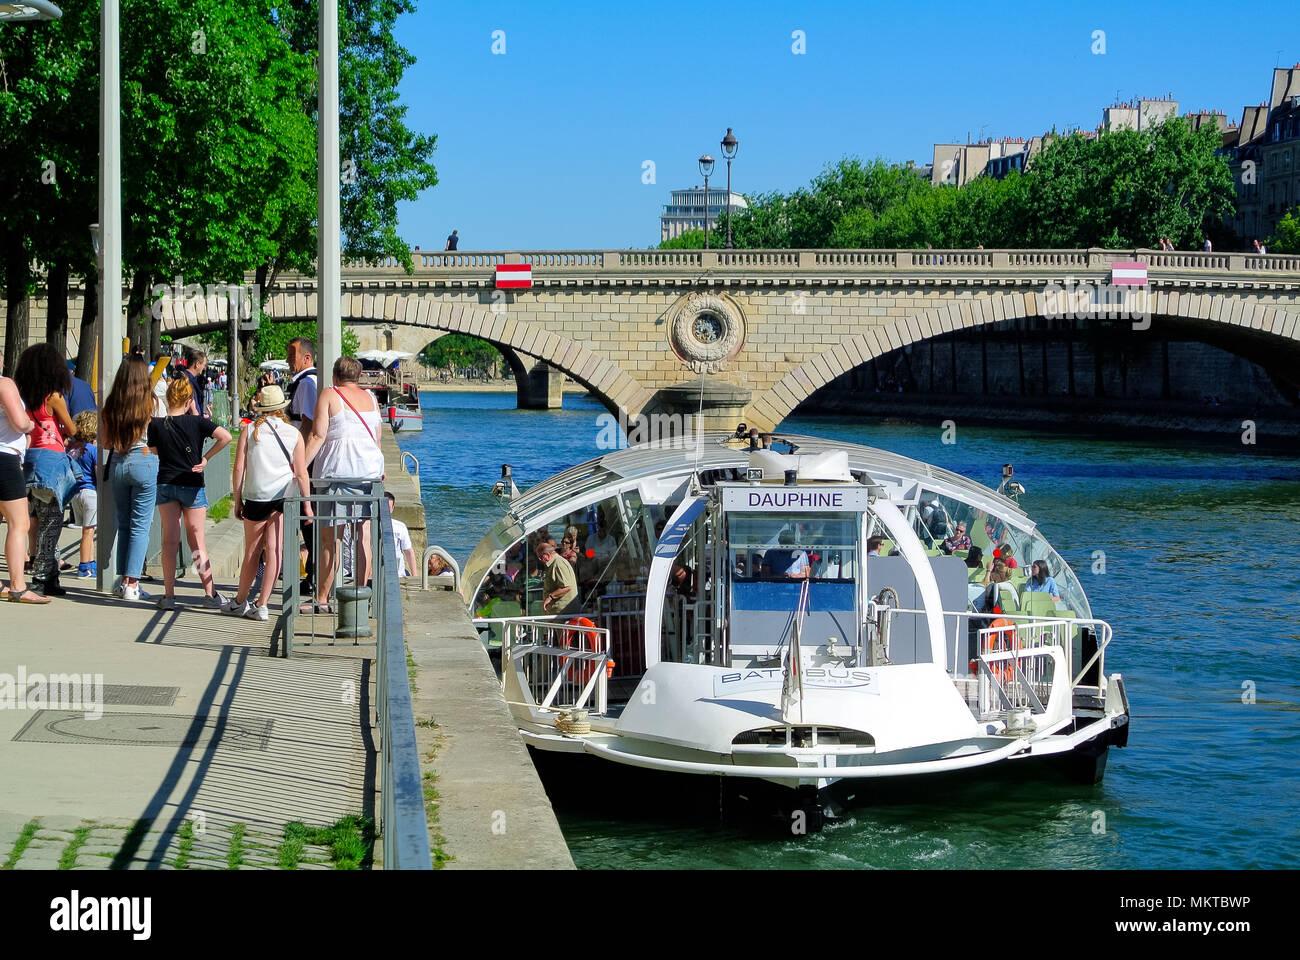 seine river, paris, france - Stock Image